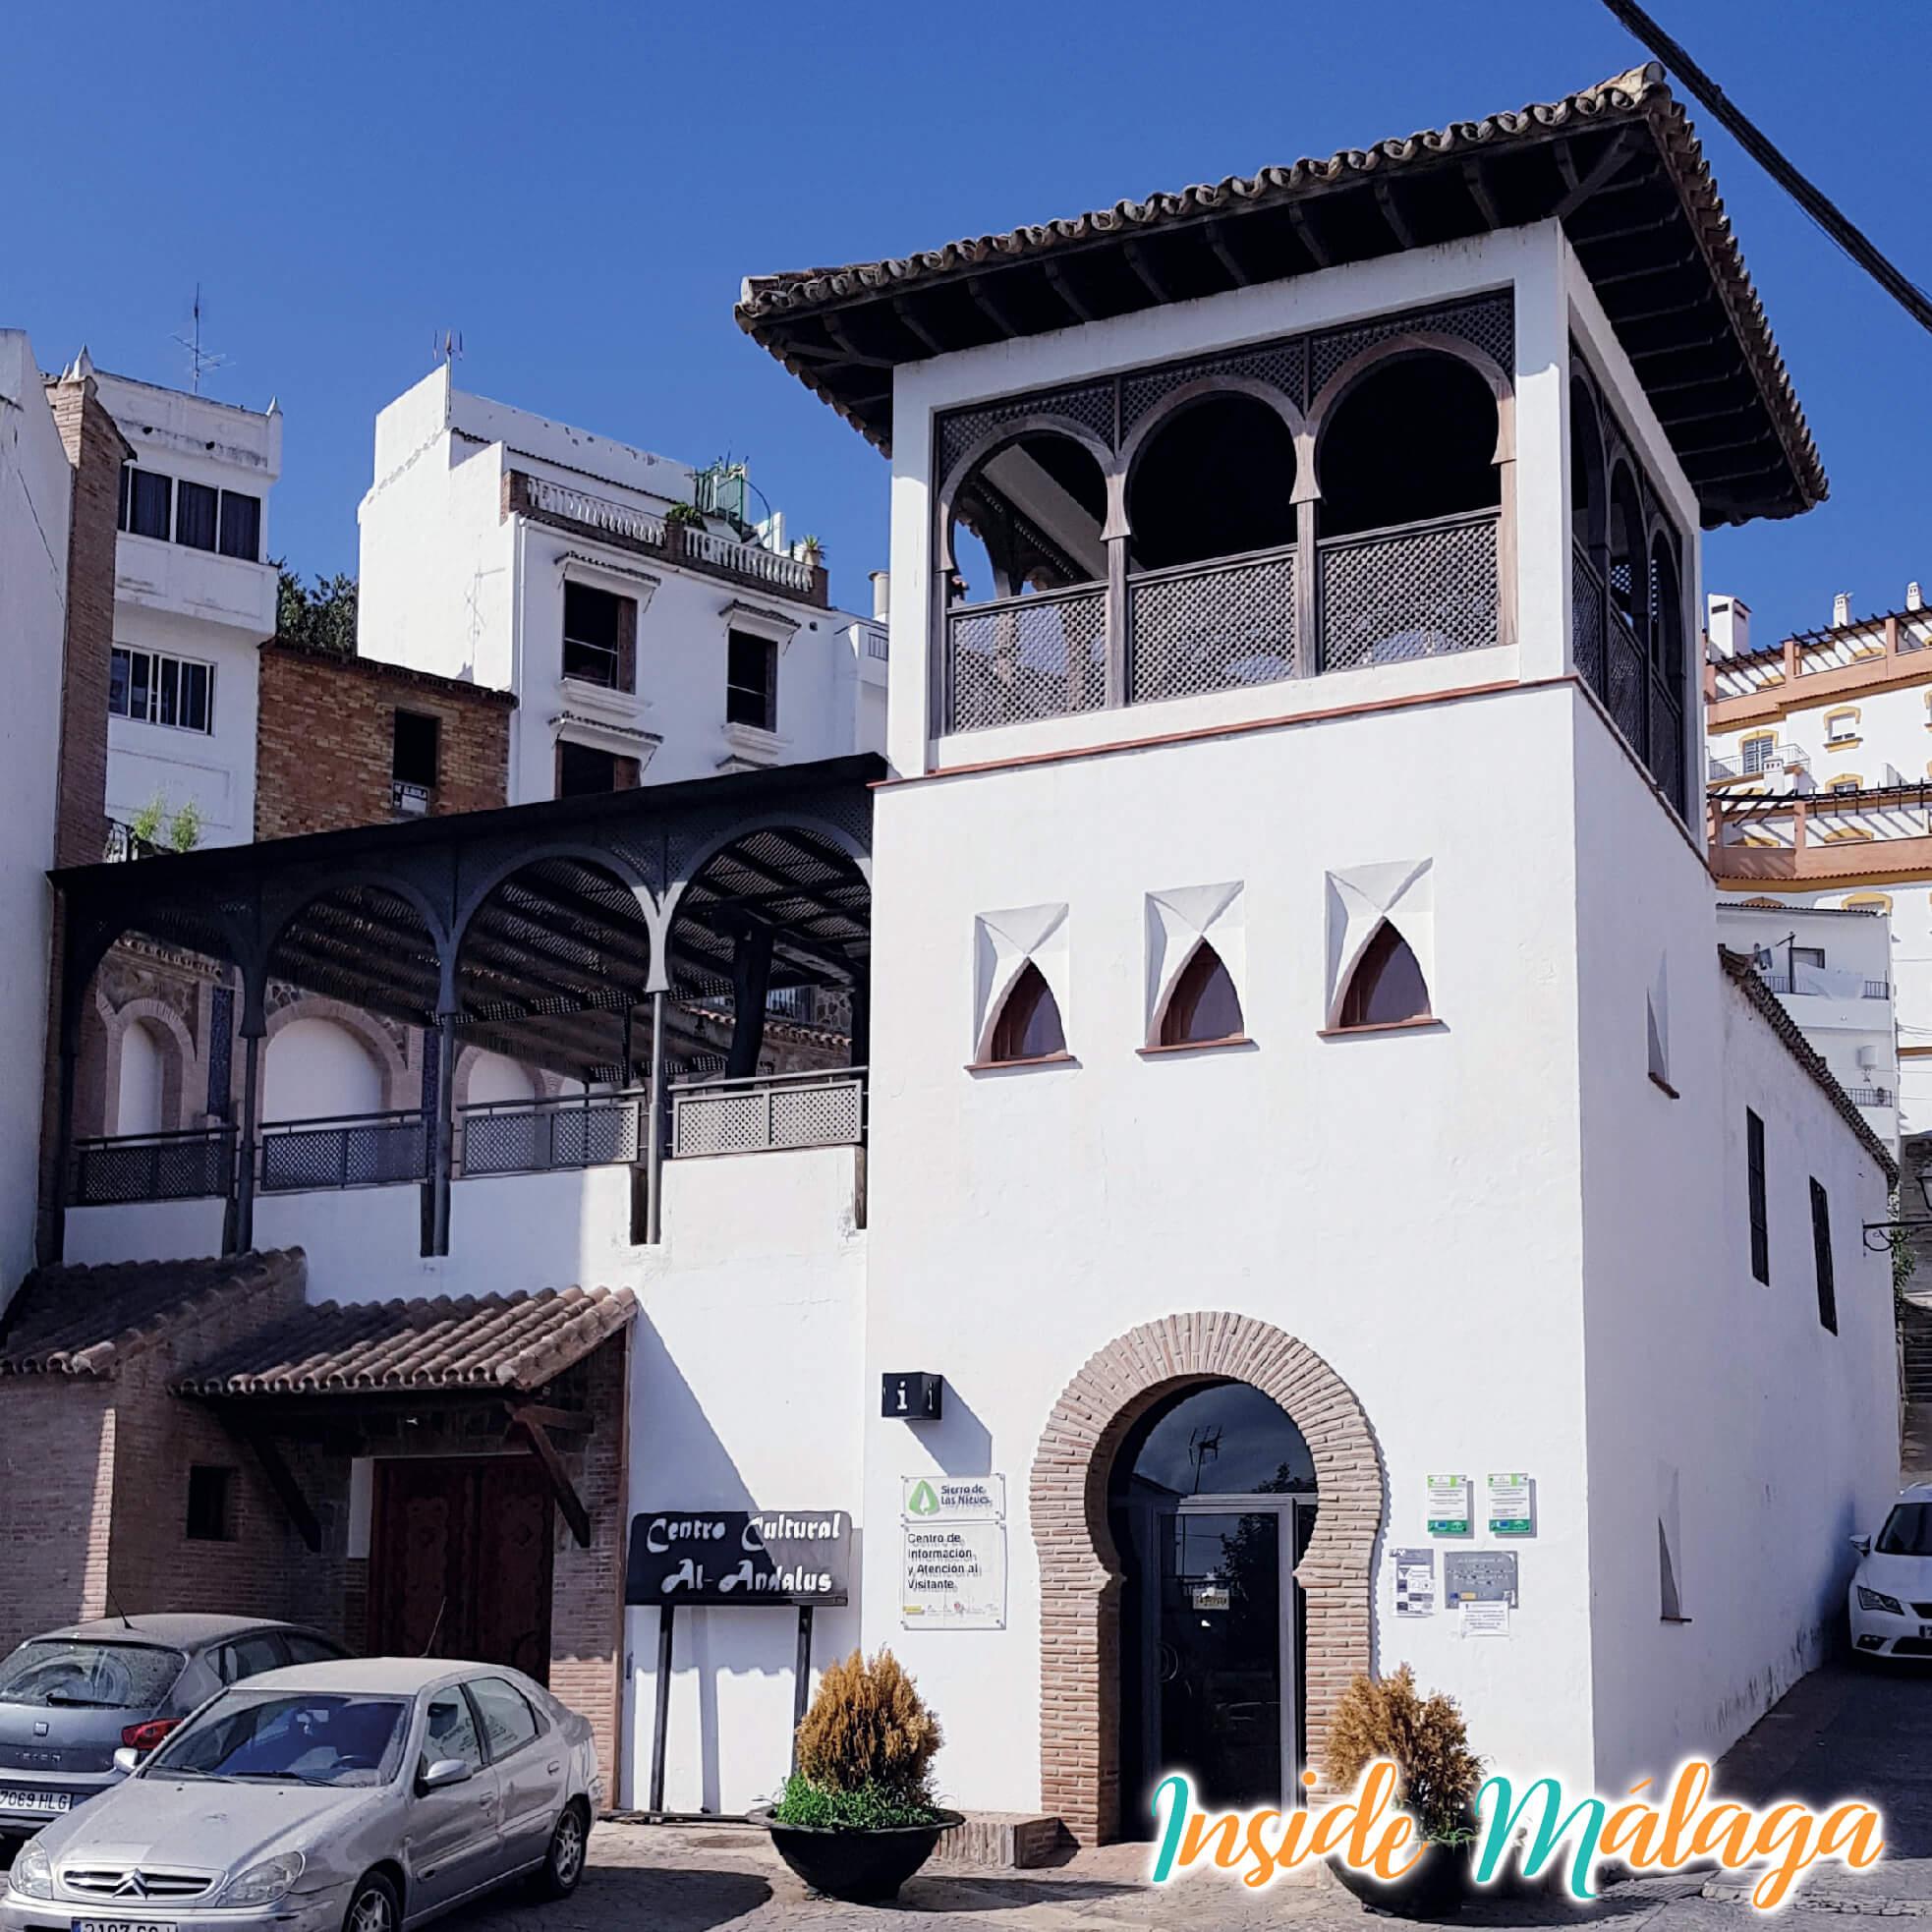 Centro Cultural Al-Ándalus Guaro Malaga